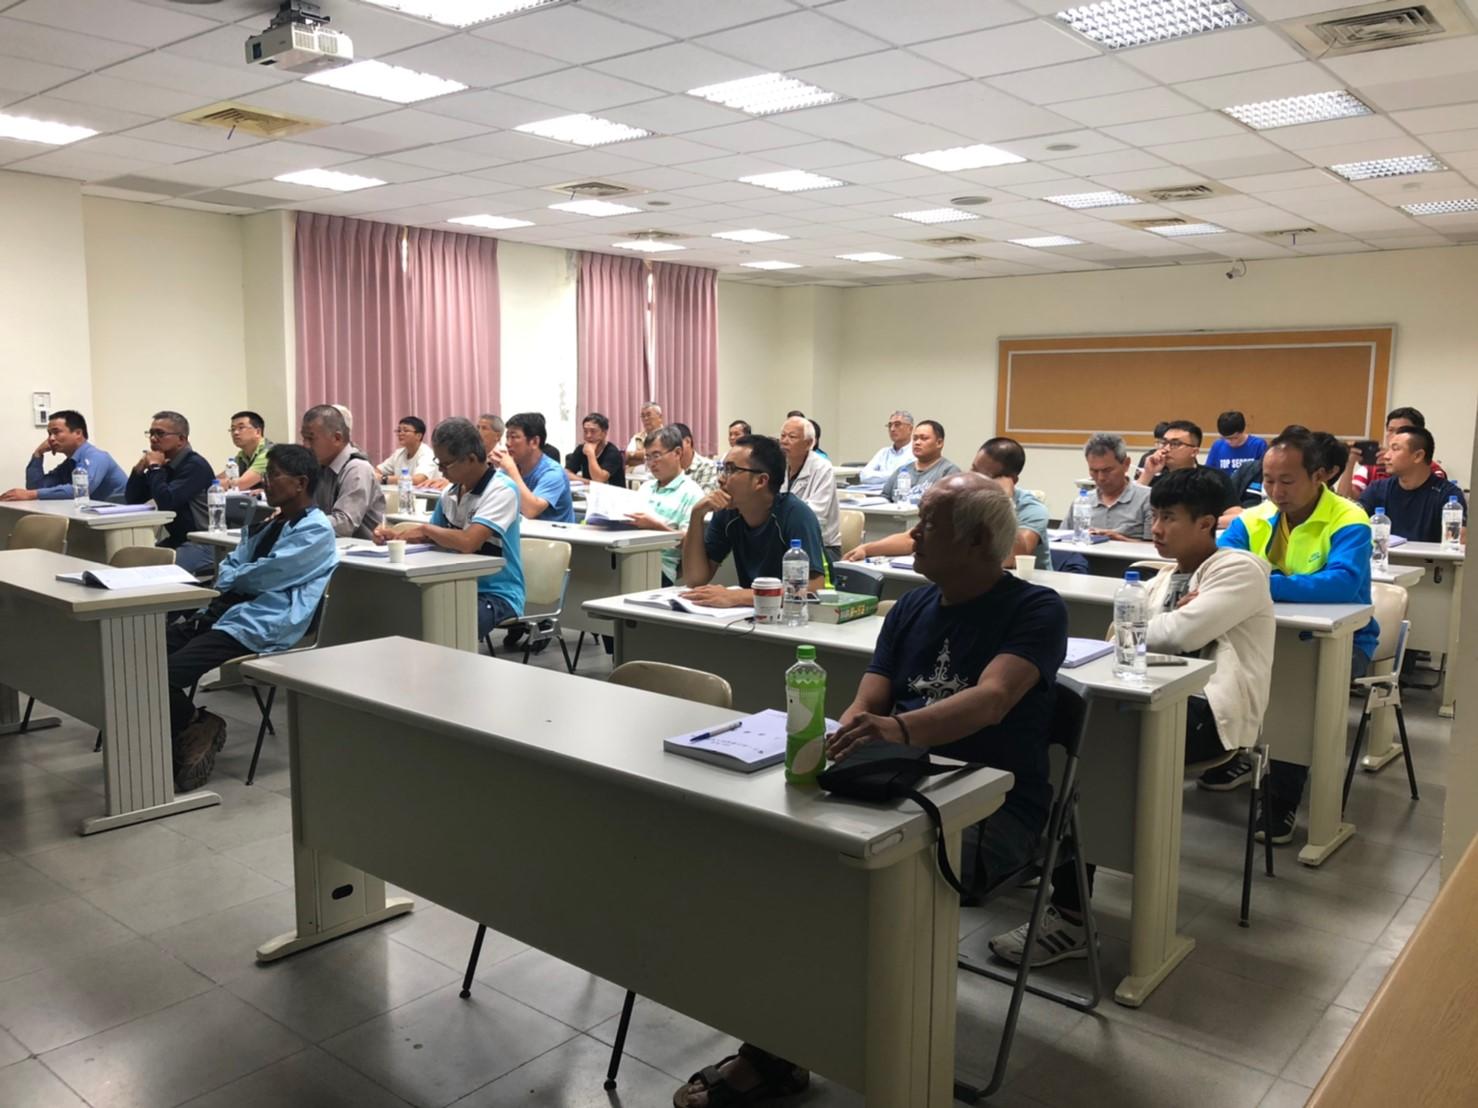 附加圖片,電力工程行業技術人員培訓課程-台南市